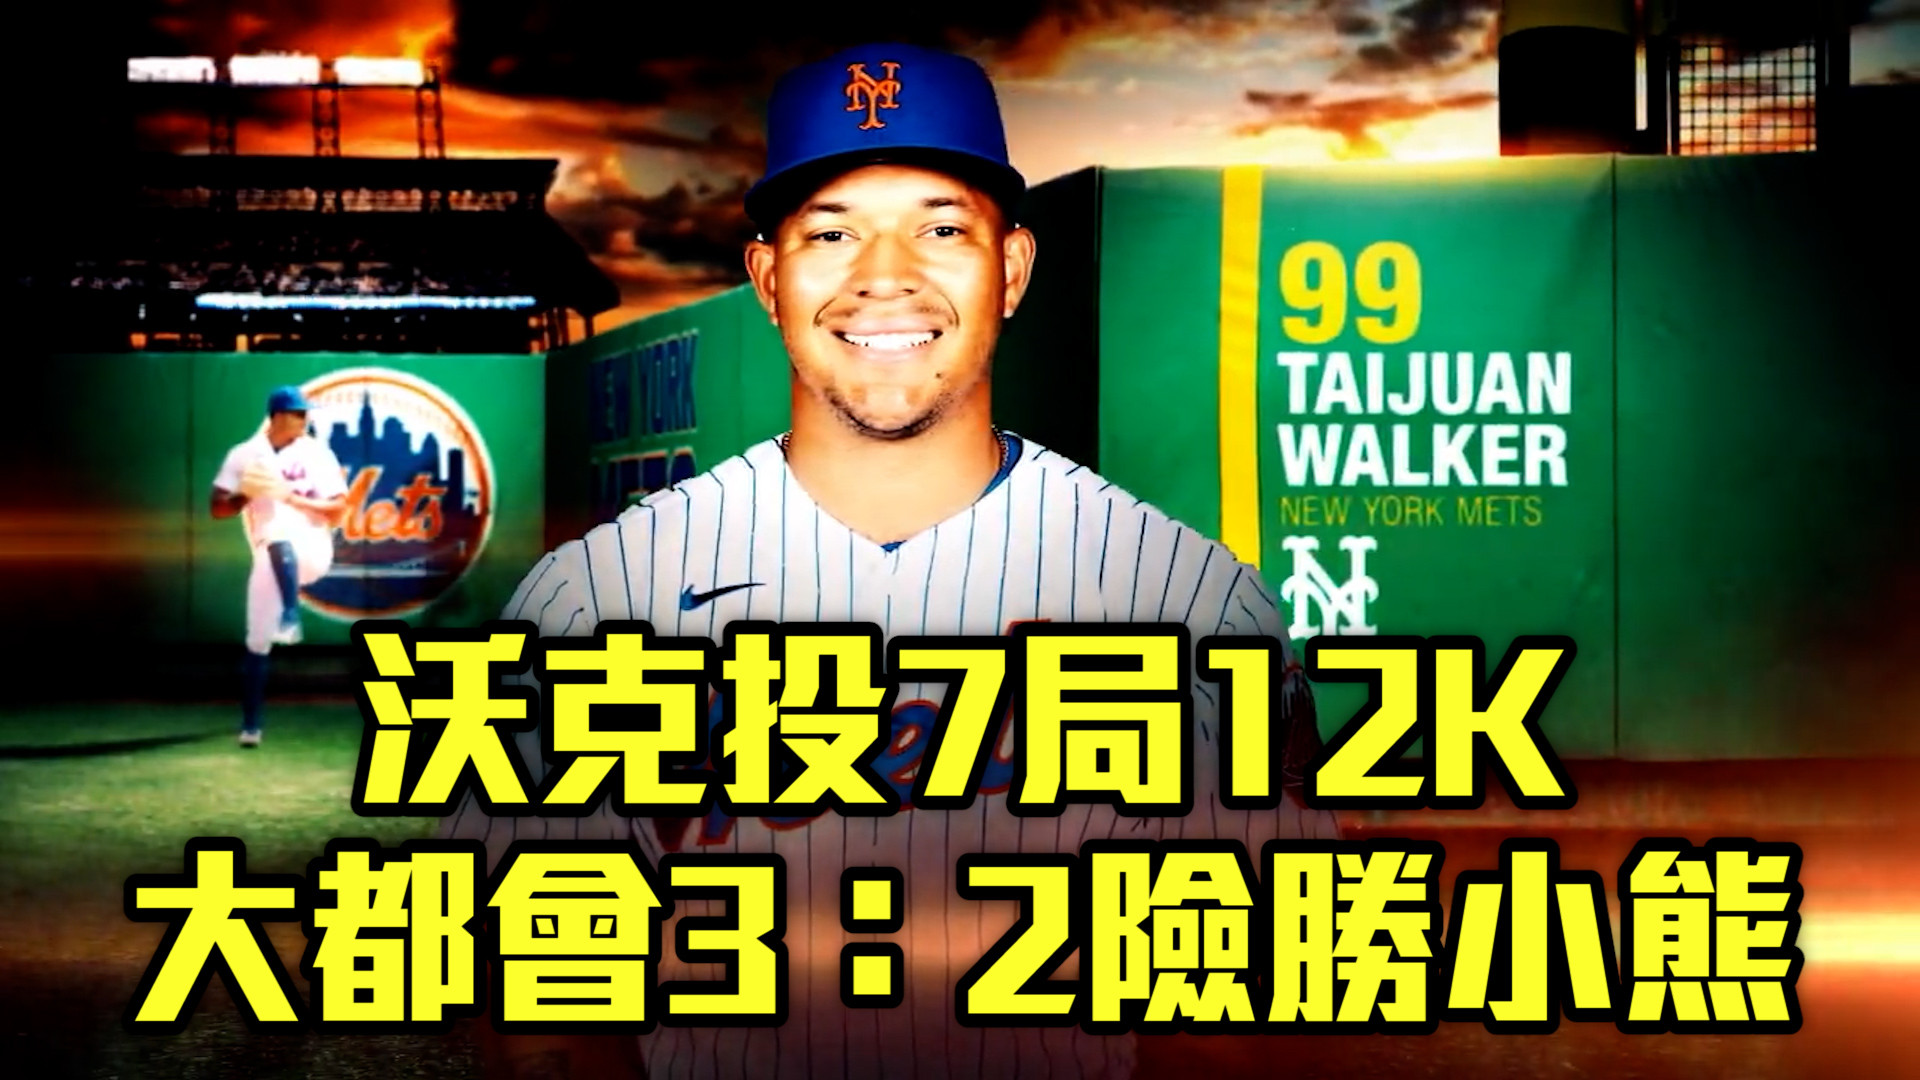 【MLB看愛爾達】沃克投7局狂飆12K 大都會3:2險勝小熊 06/16